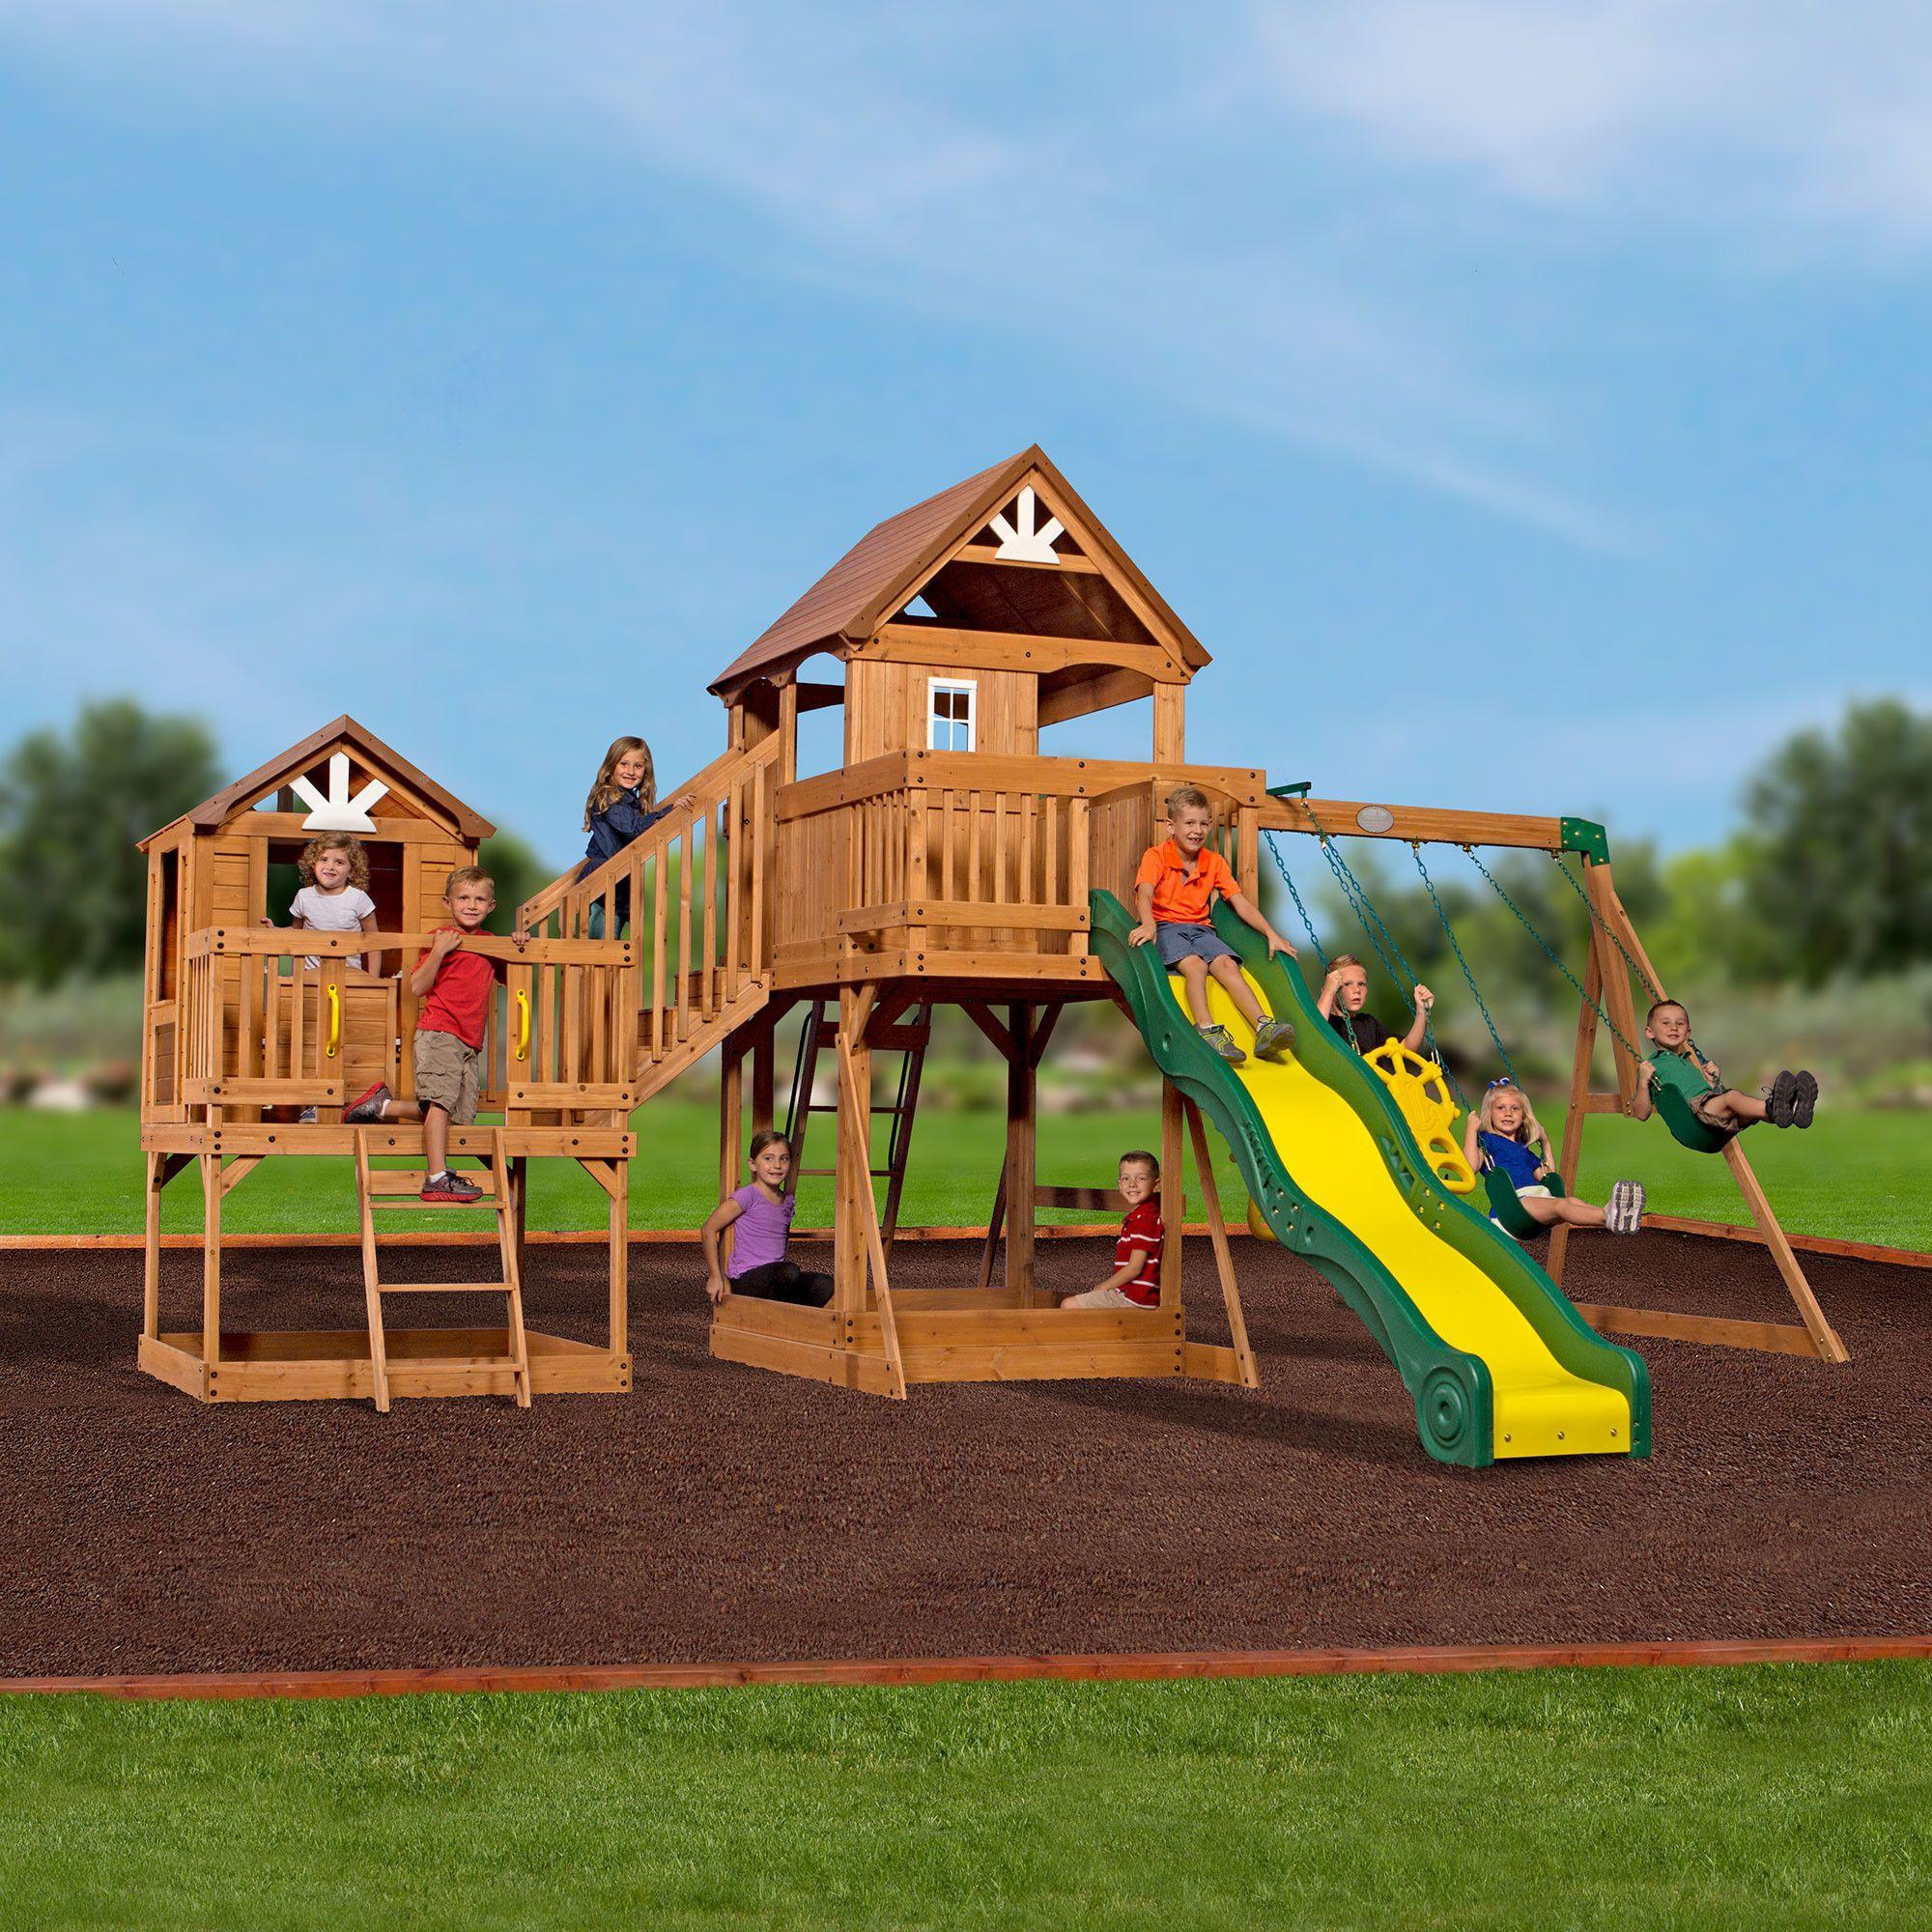 Malibu Wooden Swing Set Cedar Swing Sets Swing Set Wooden Swing Set